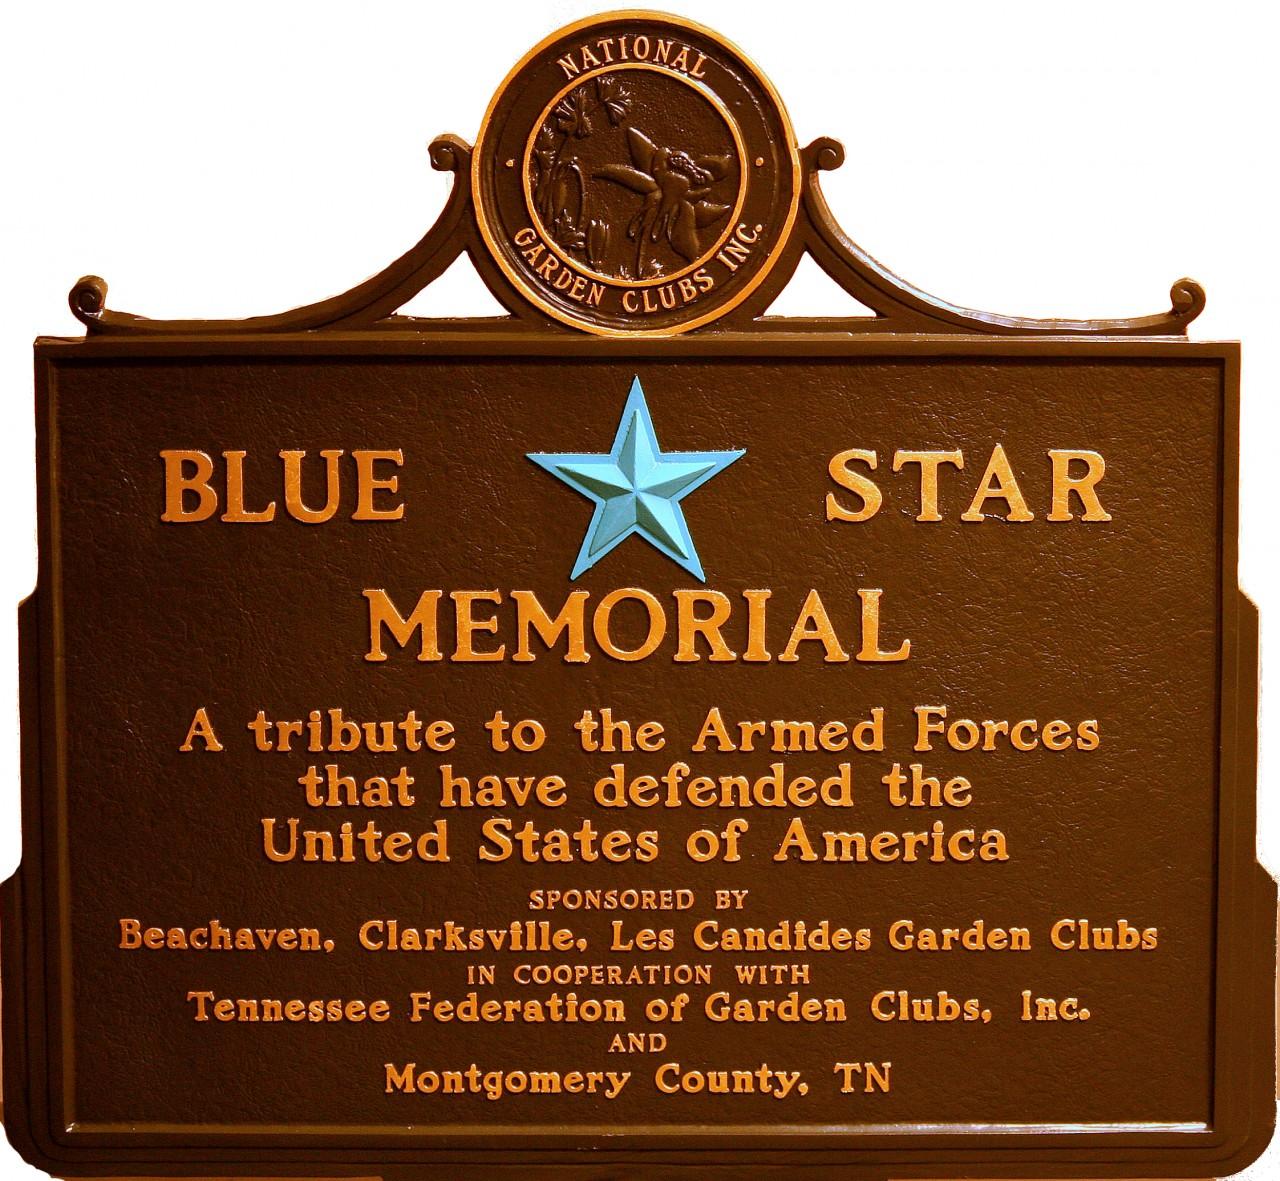 Blue Star Memorial marker dedication Monday - Clarksville, TN Online